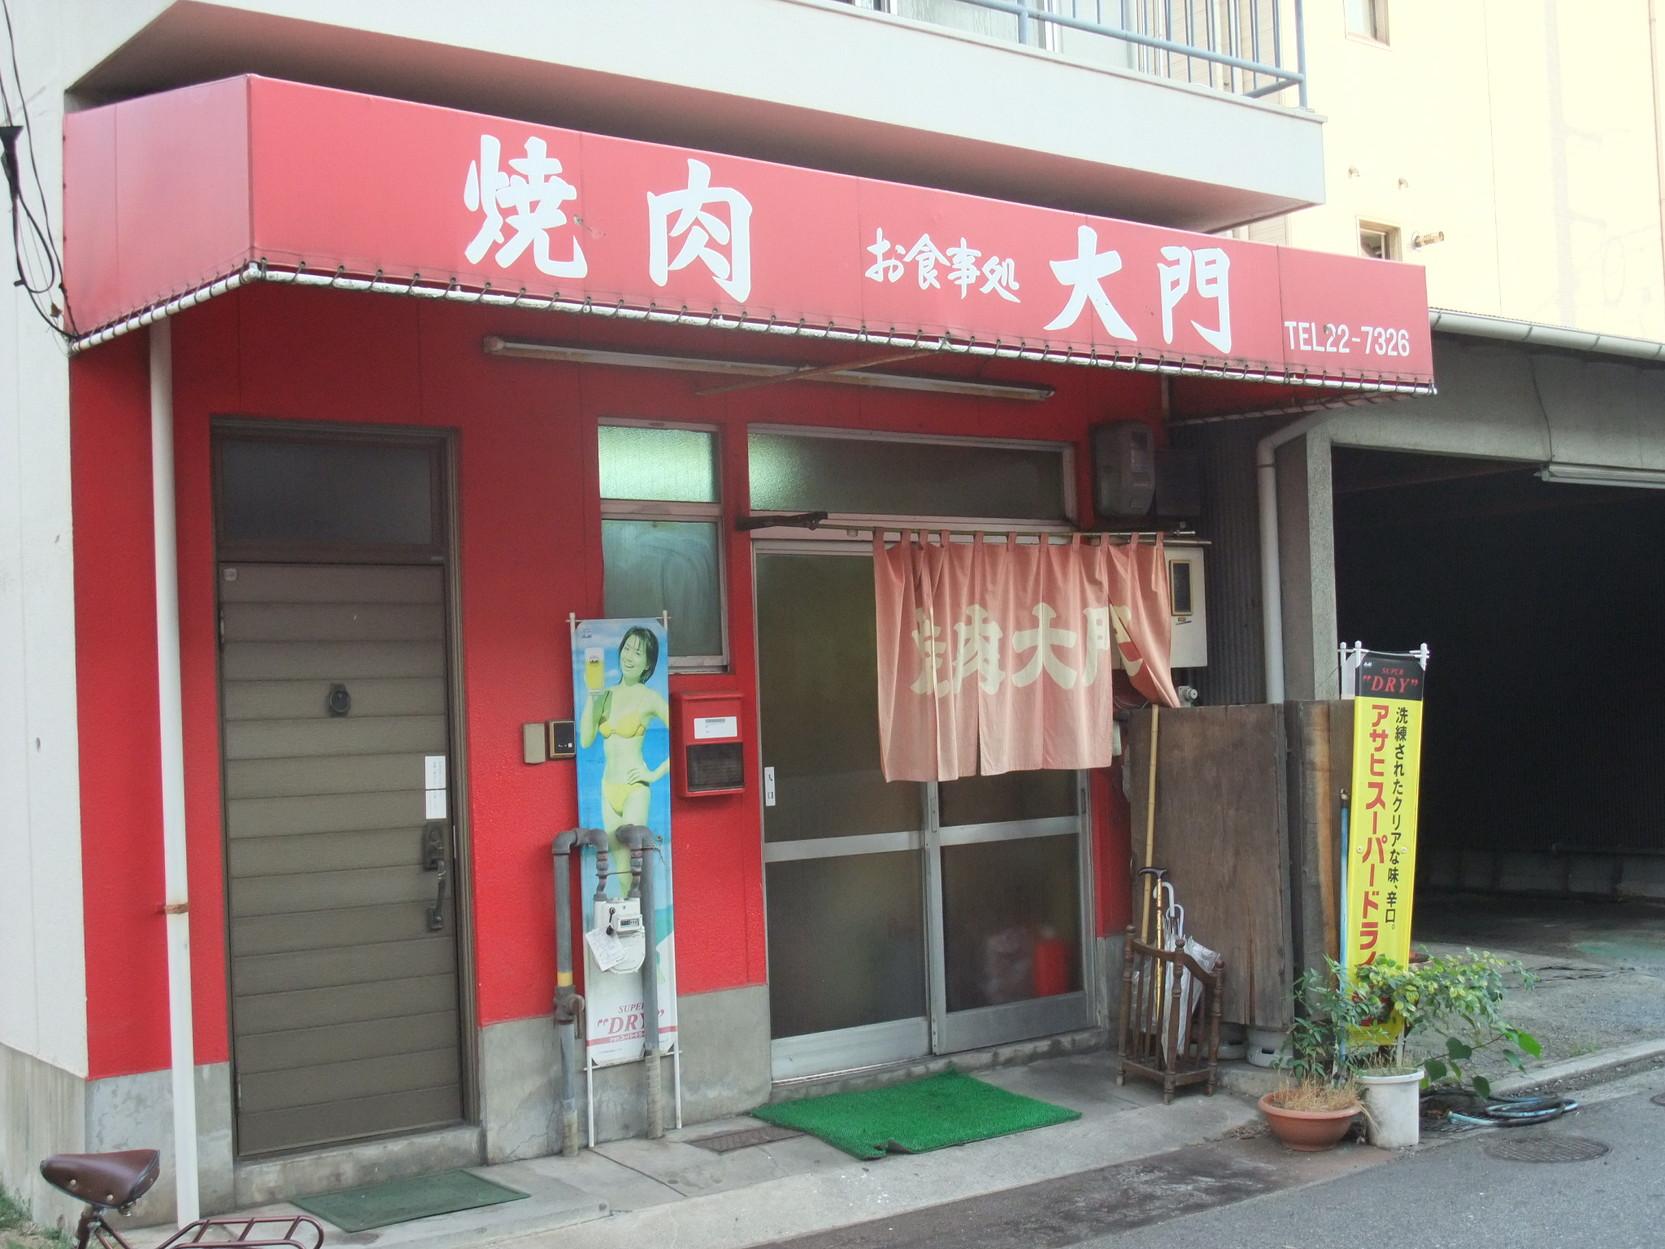 大門焼肉店